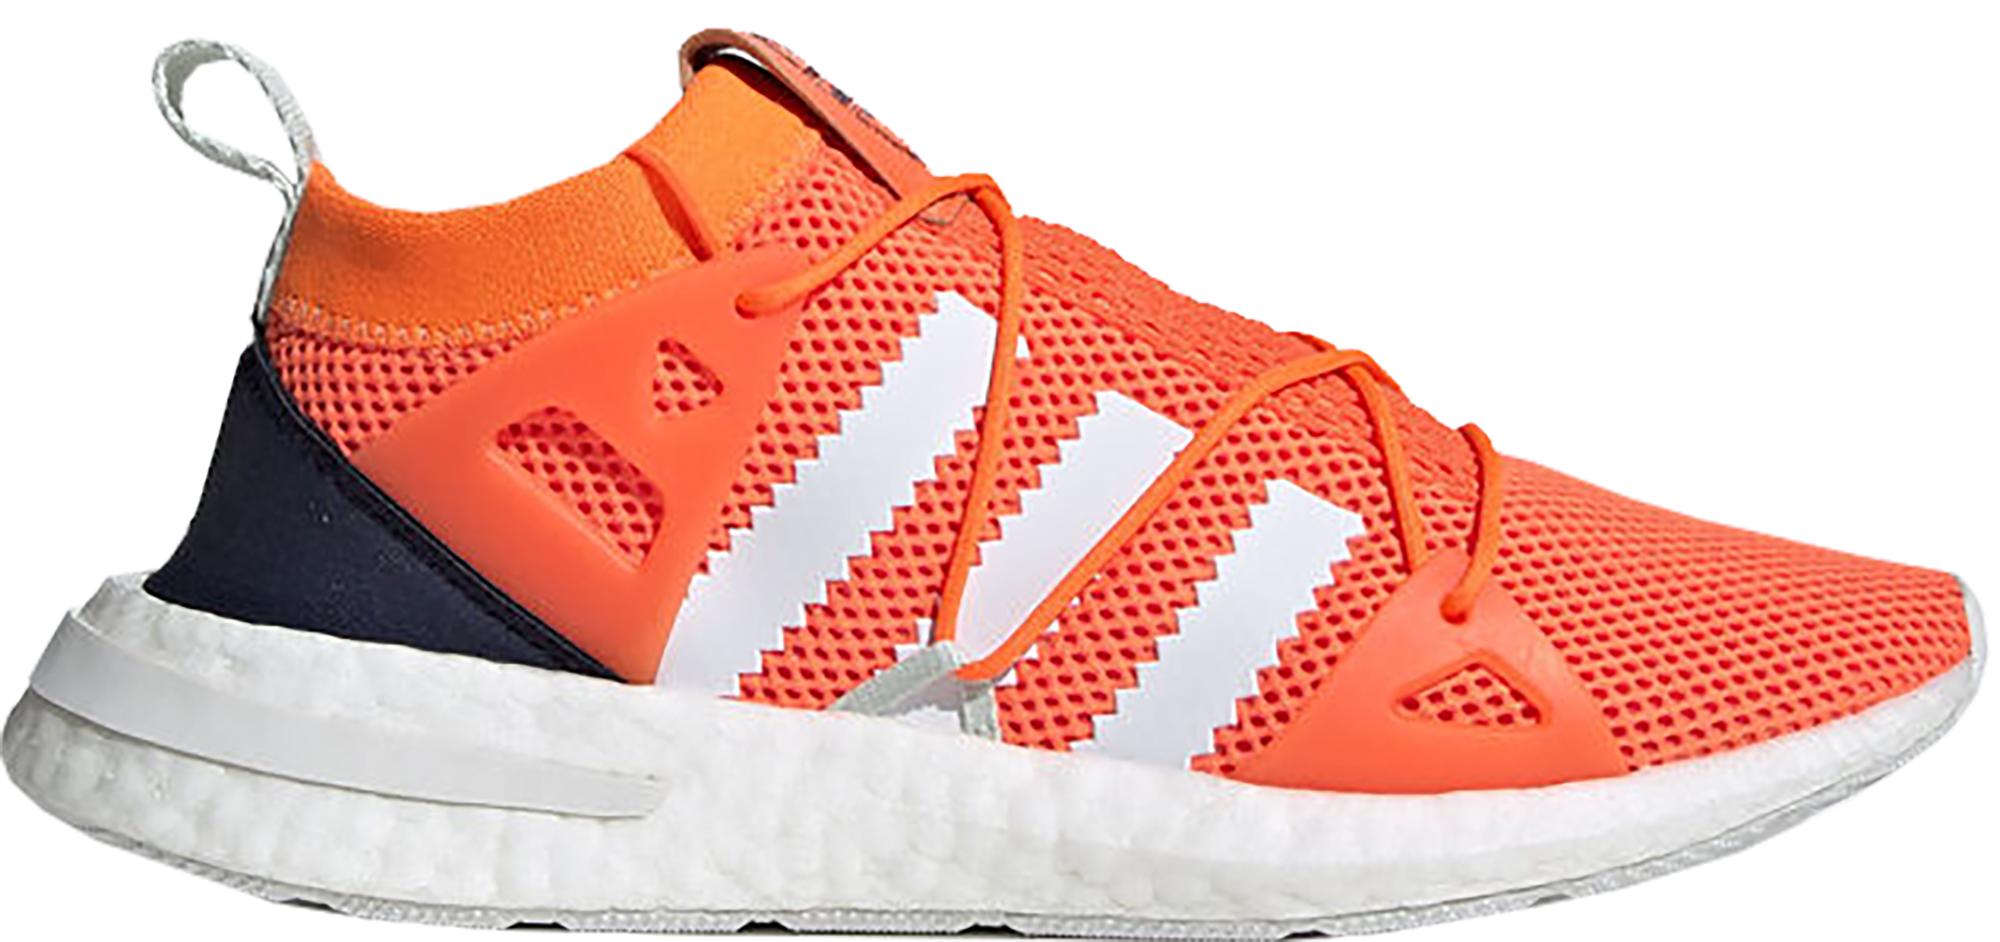 adidas arkyn orange